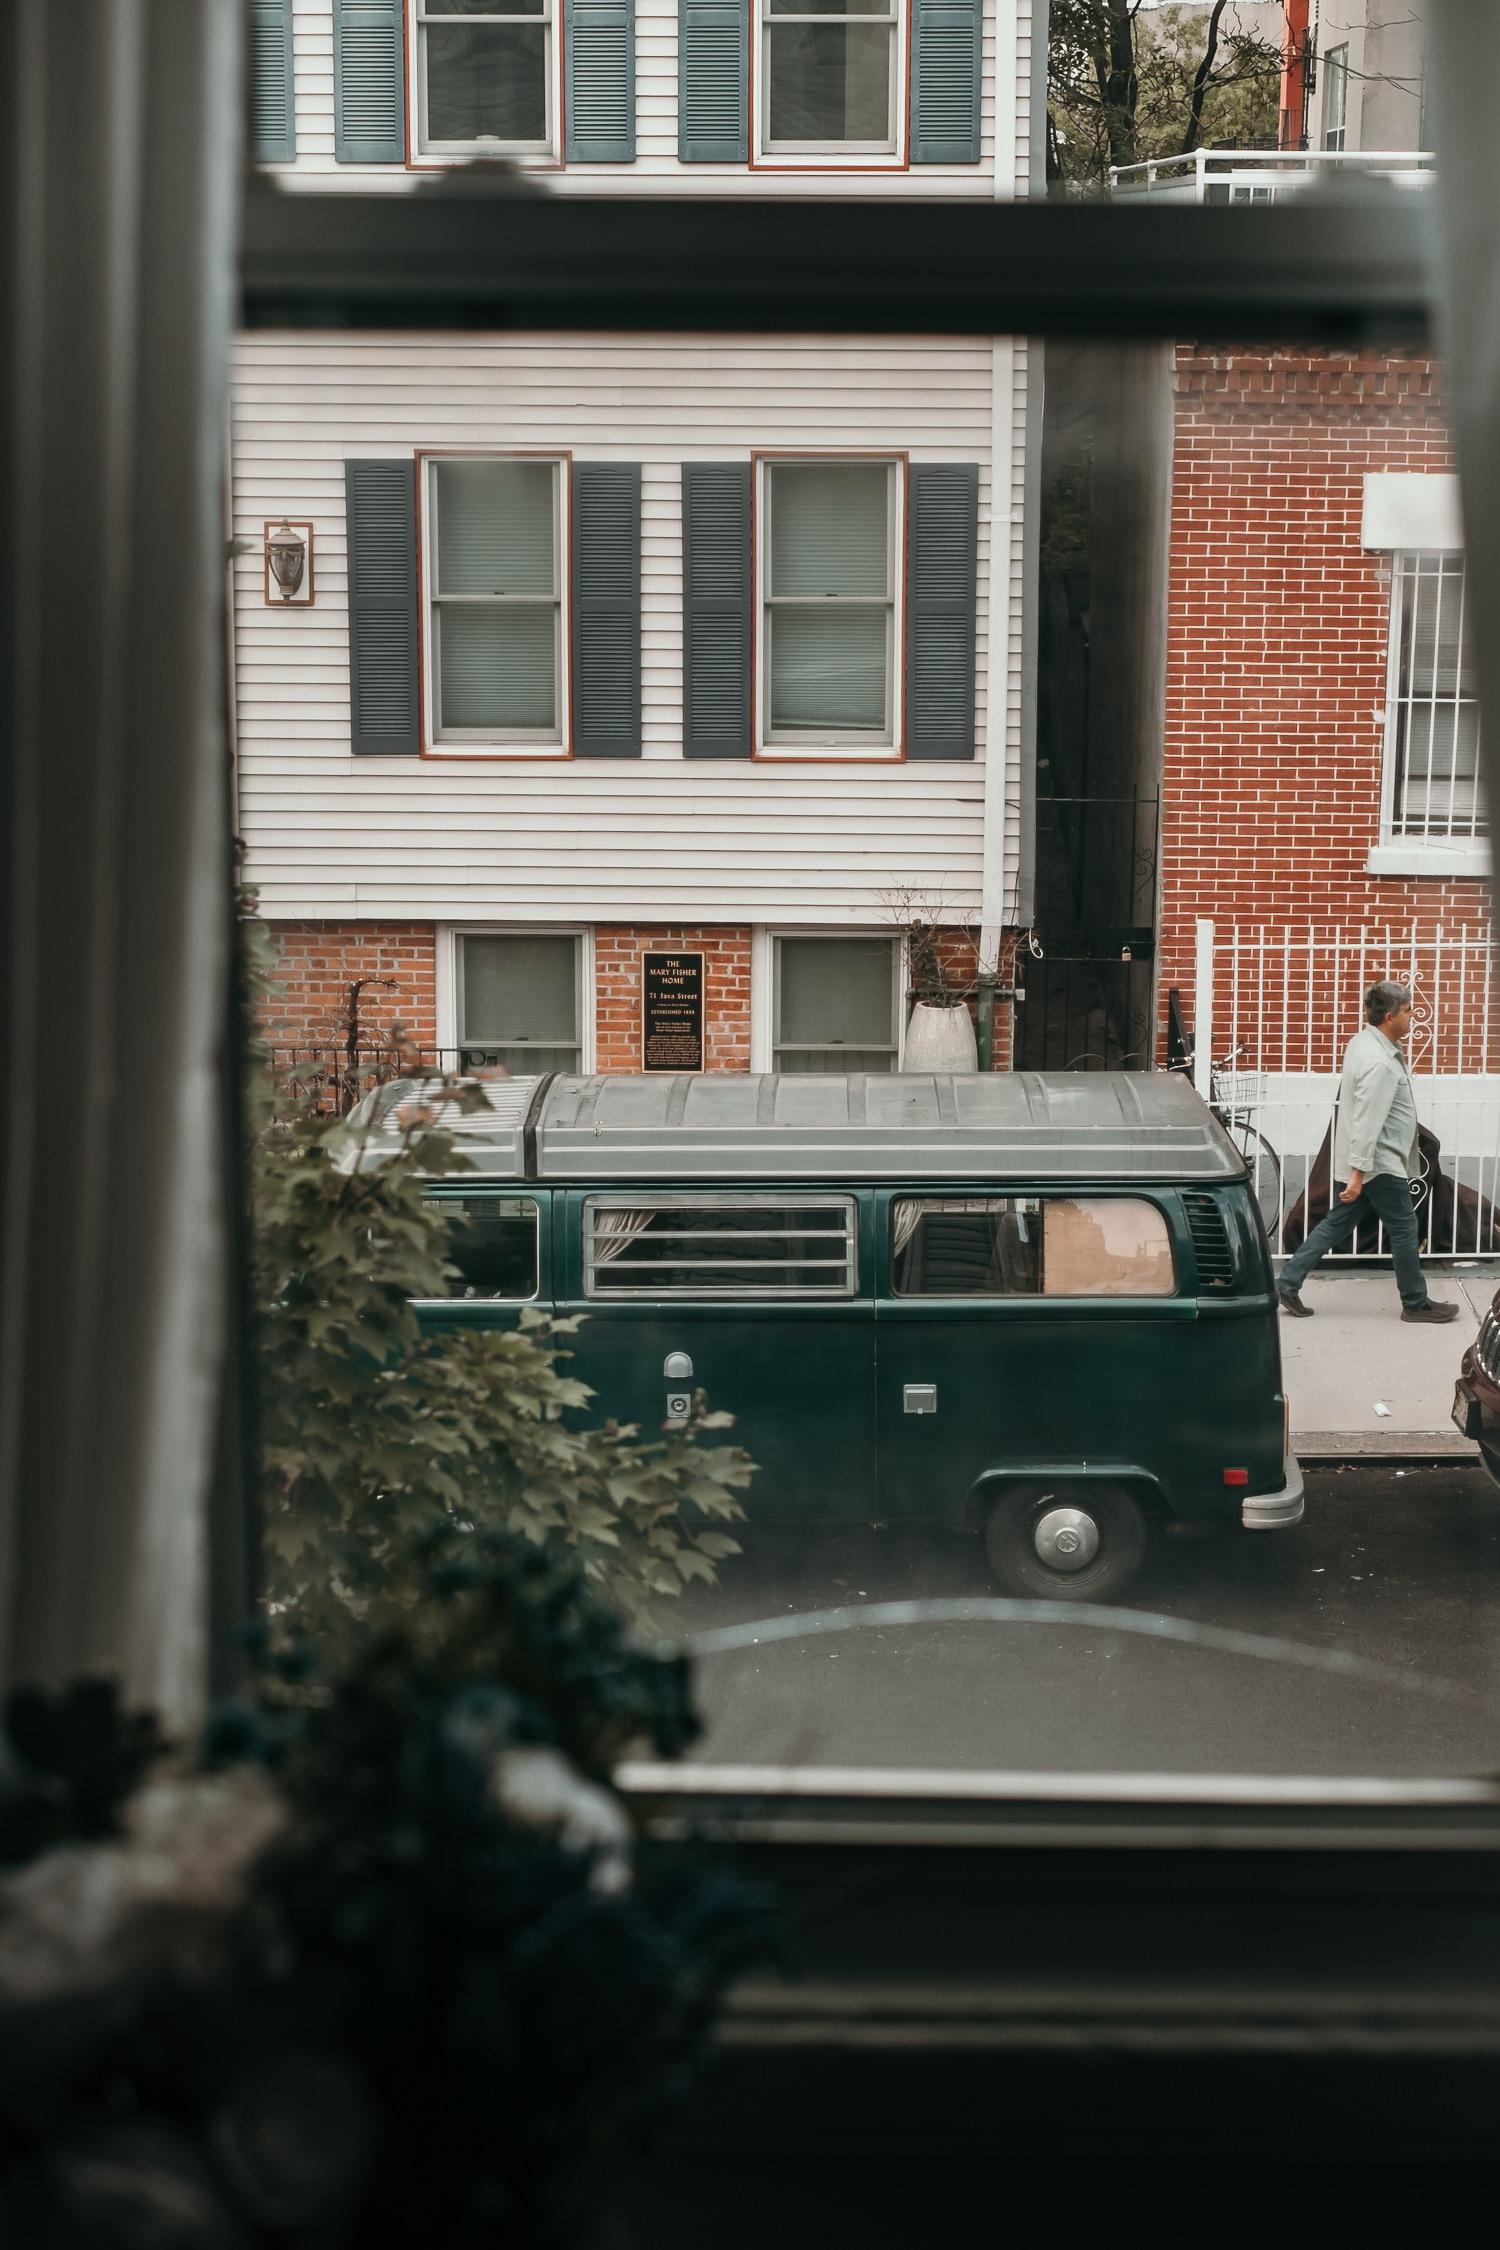 Brooklyn street view from window man walking by